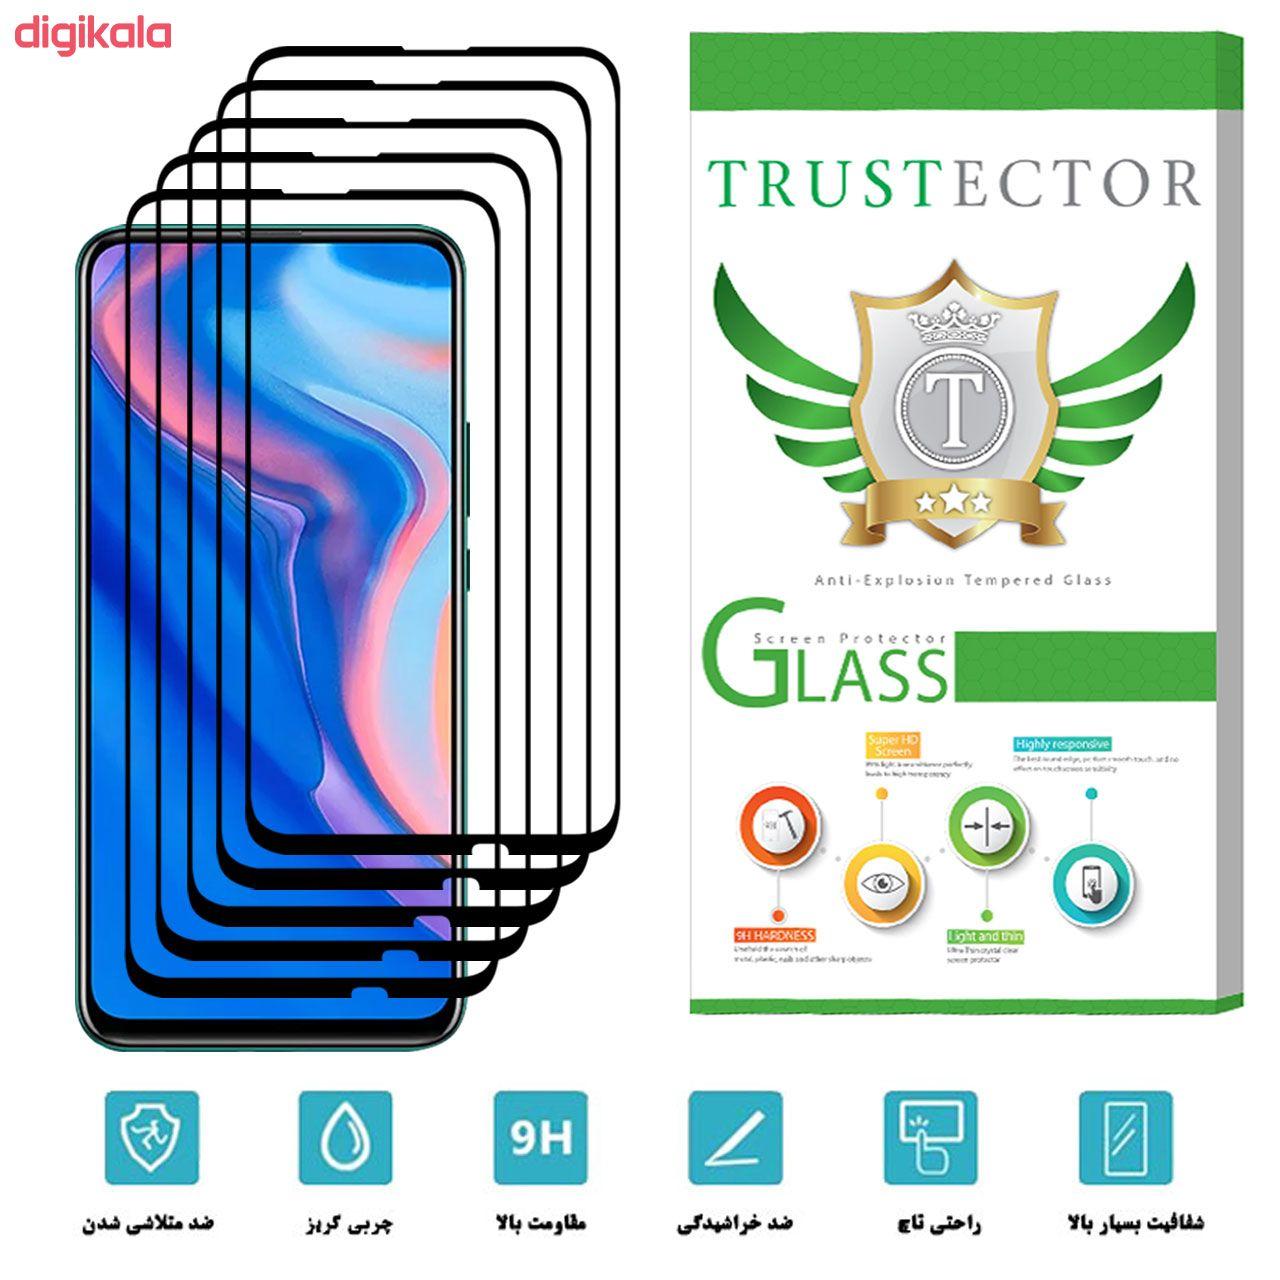 محافظ صفحه نمایش تراستکتور مدل GSS مناسب برای گوشی موبایل هوآوی Y9 Prime 2019 بسته 5 عددی main 1 2